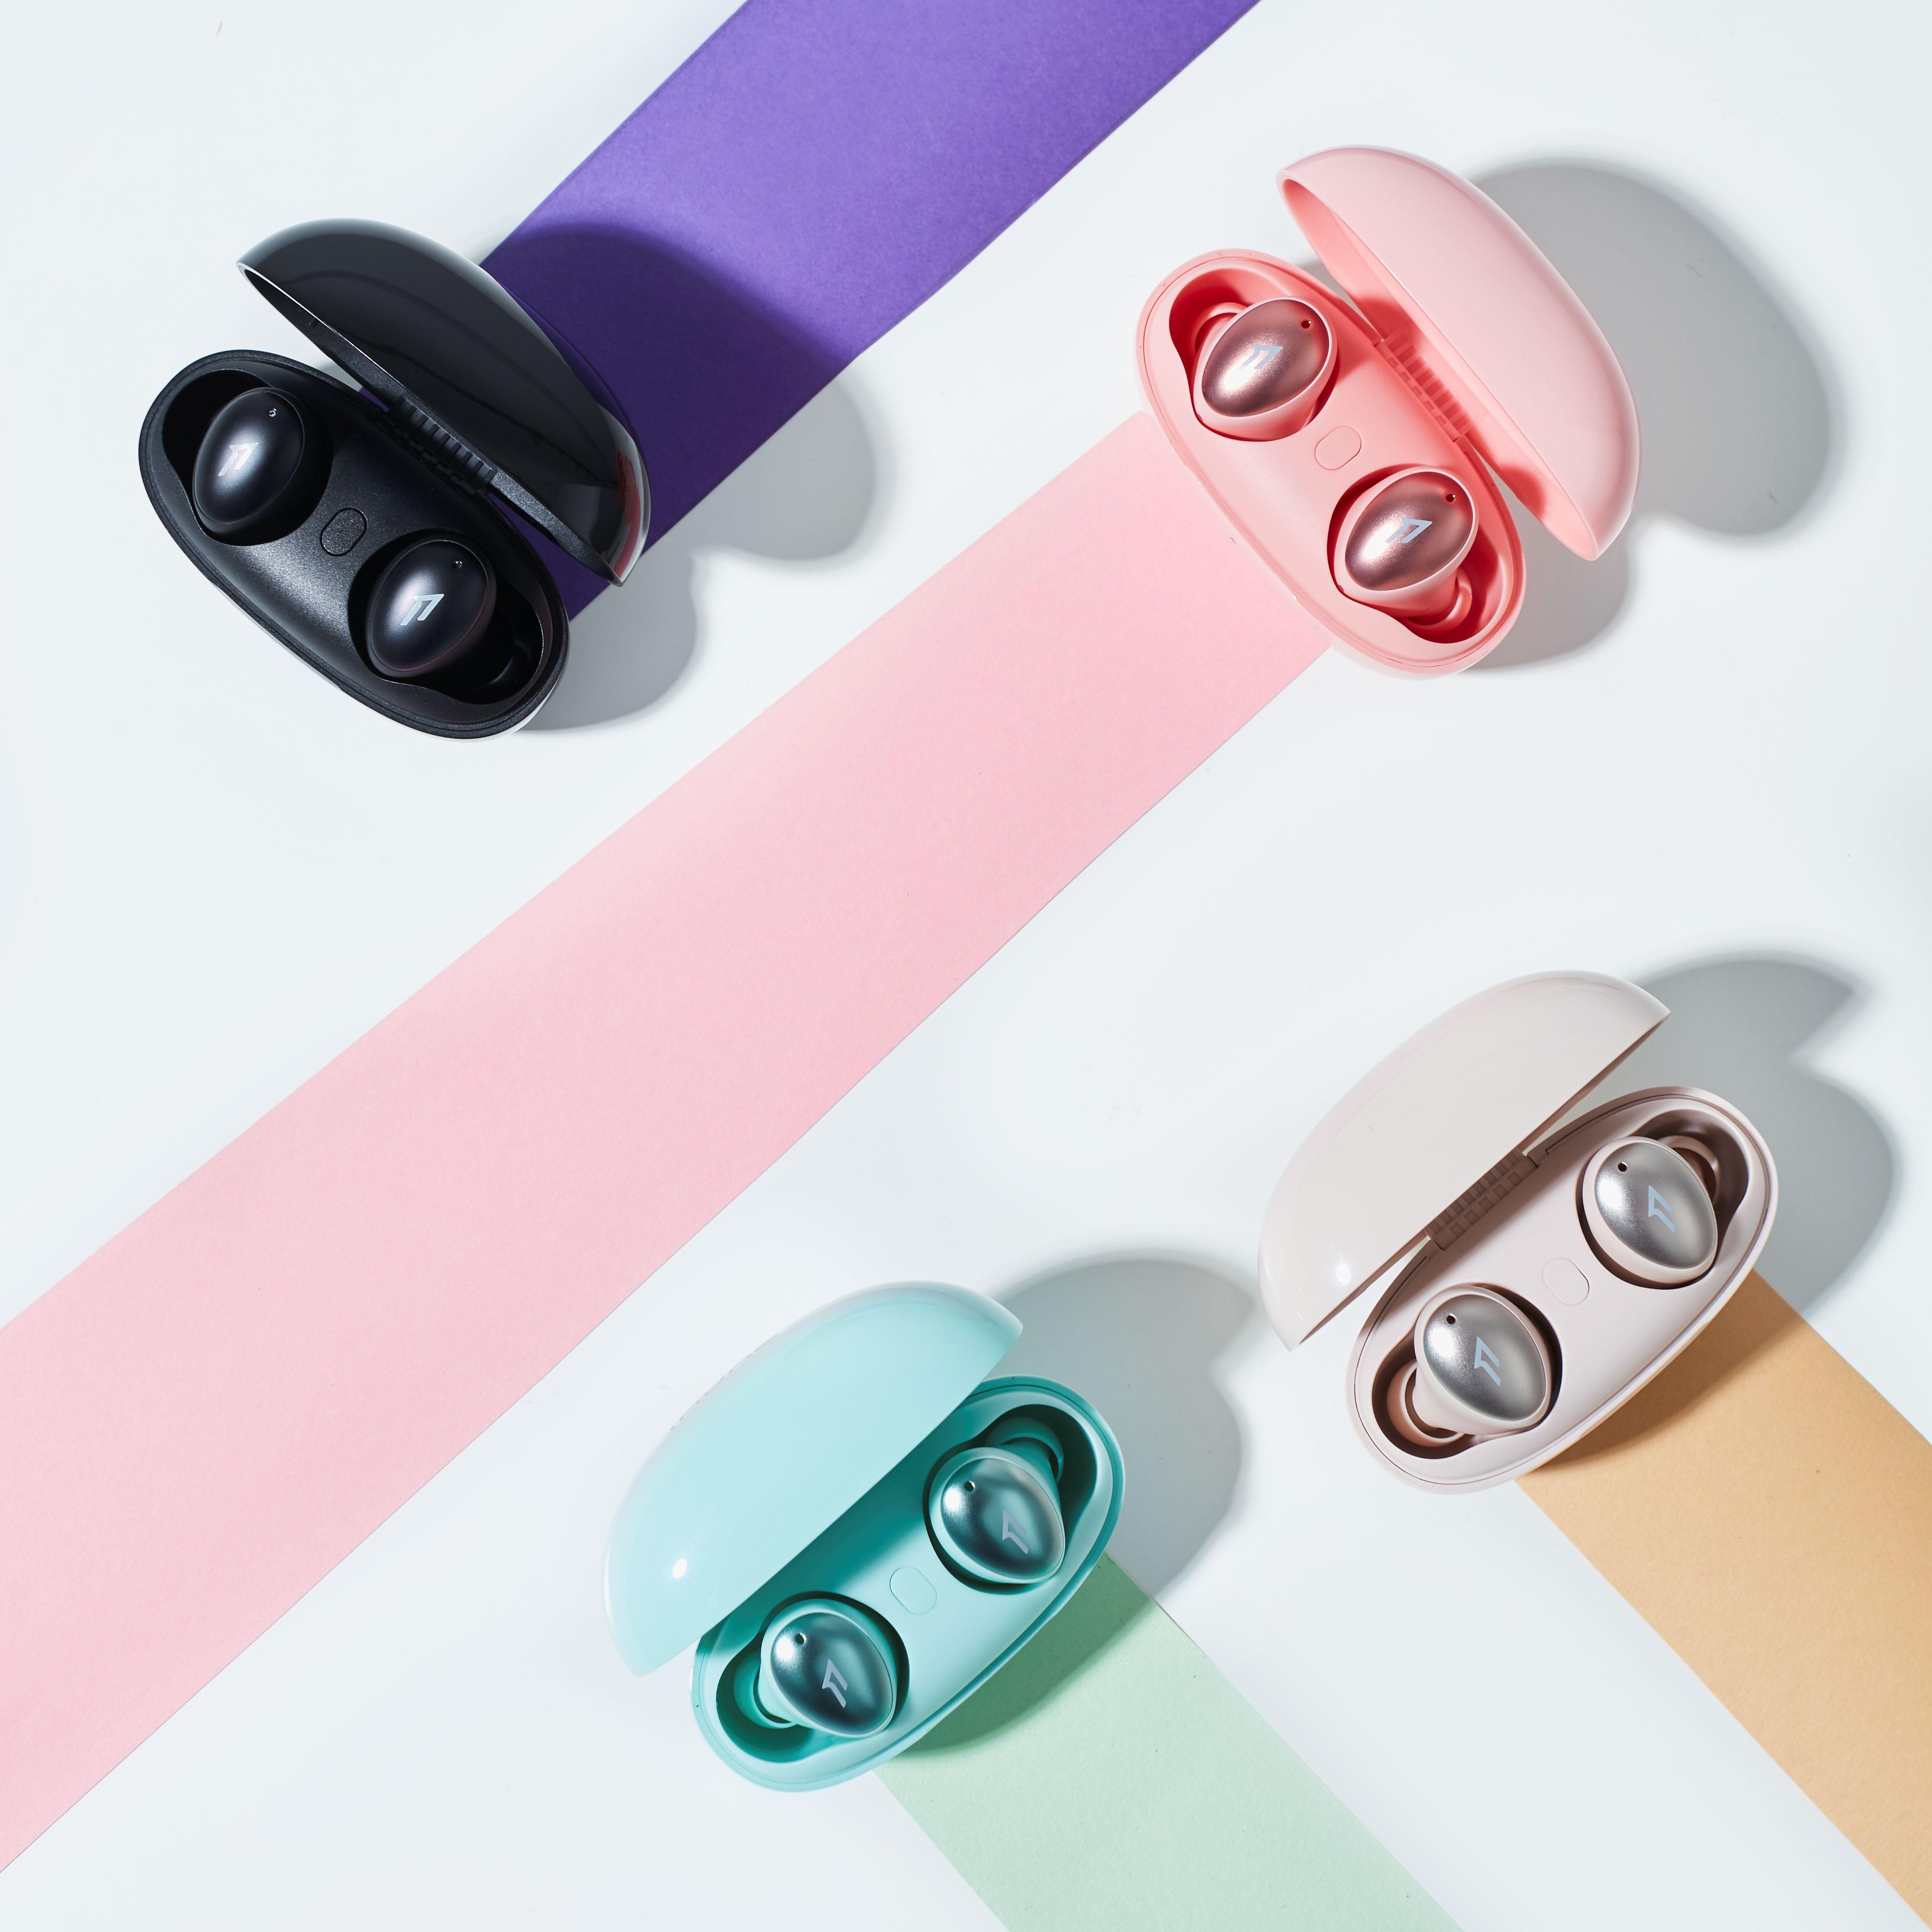 1 MORE ColorBuds時尚豆真無線耳機一次推出了4款新色設計,提供給消費者更豐富的色彩「擇」學。